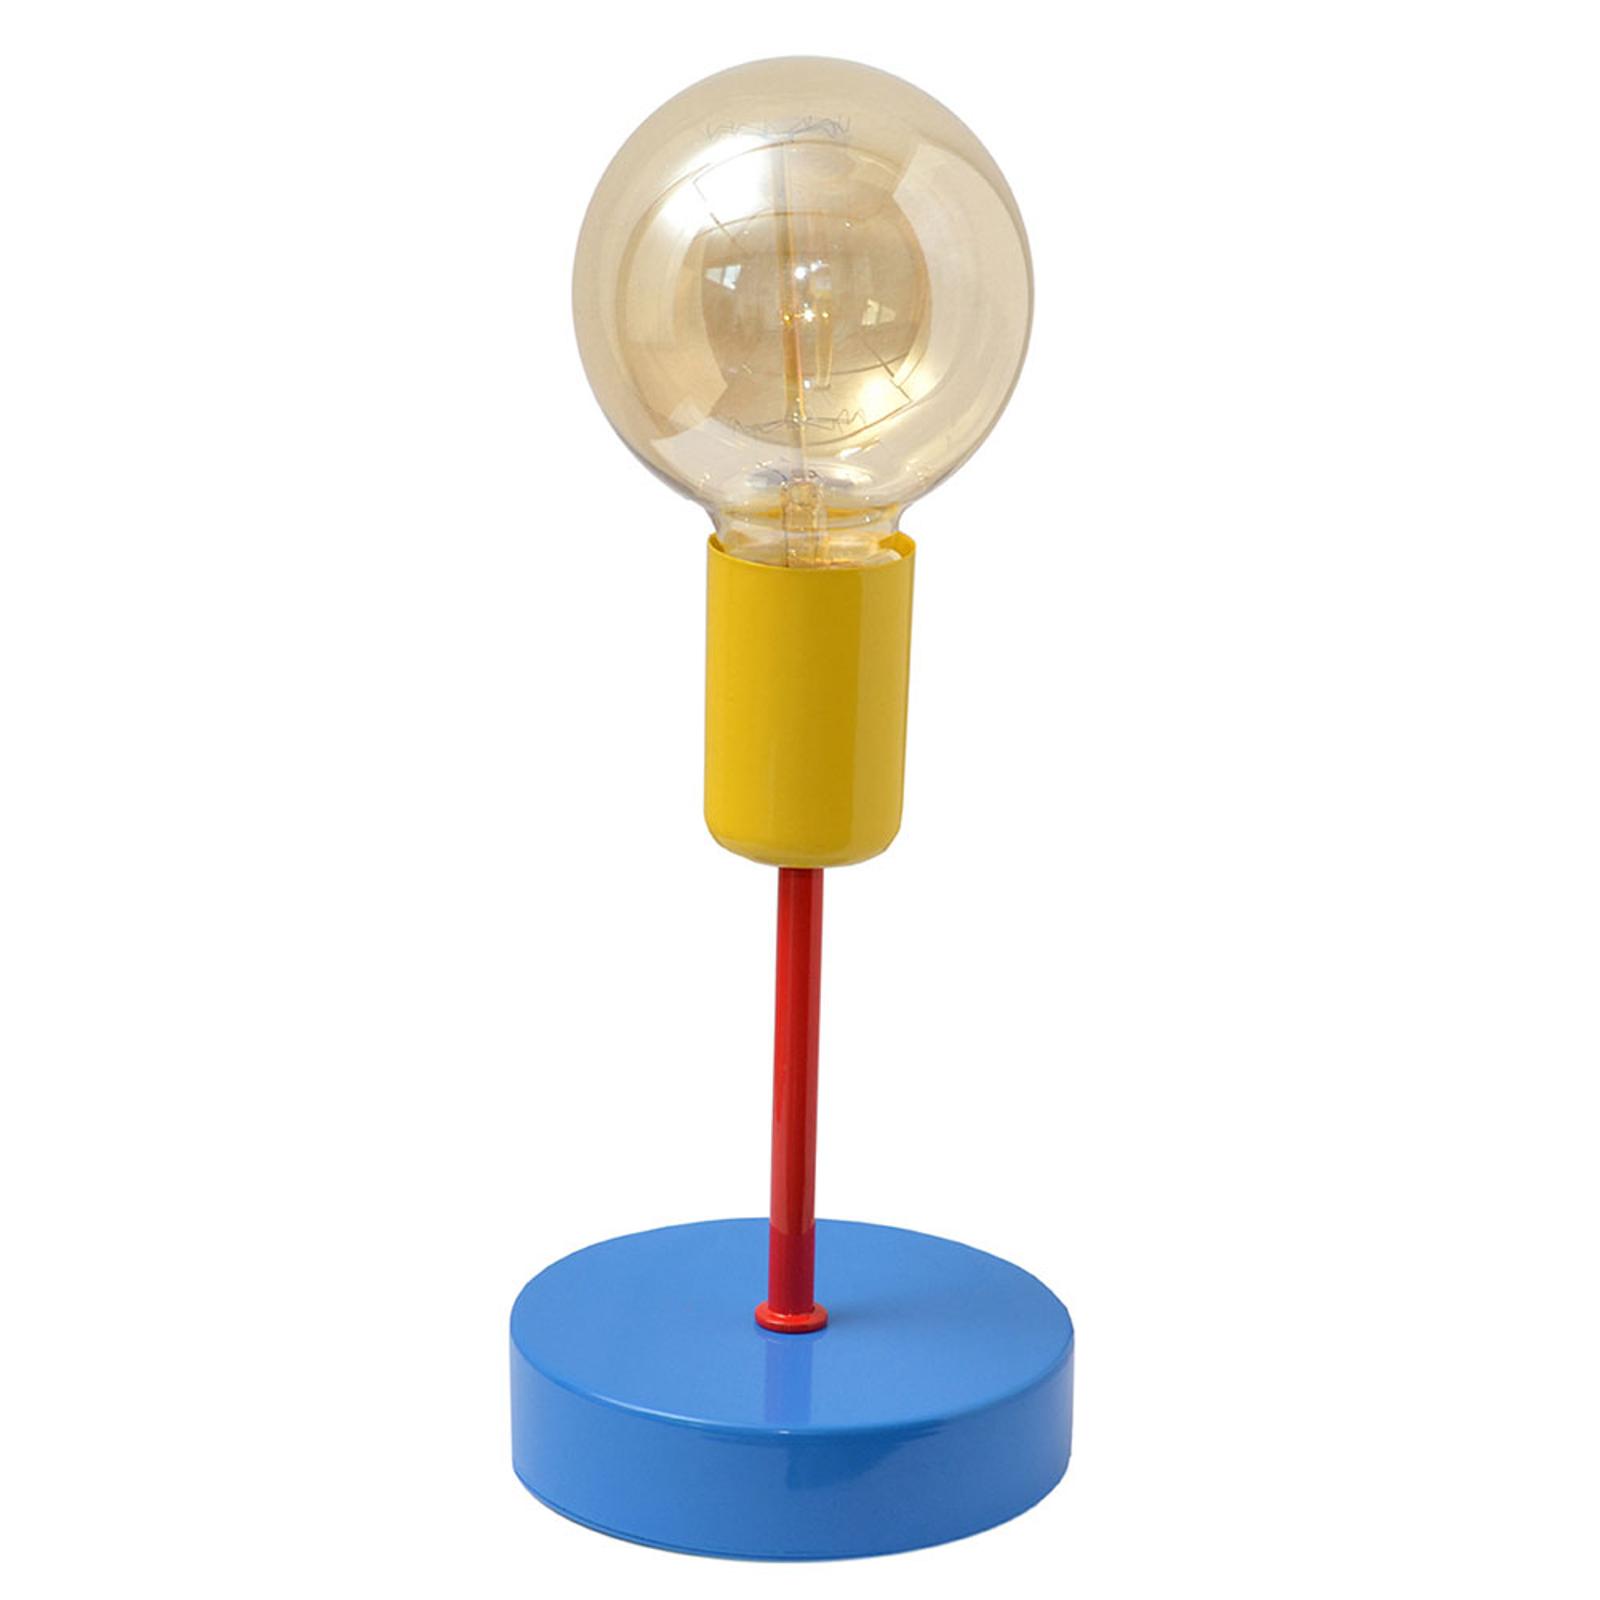 Lampa stołowa Oxford niebieska/czerwona/żółta